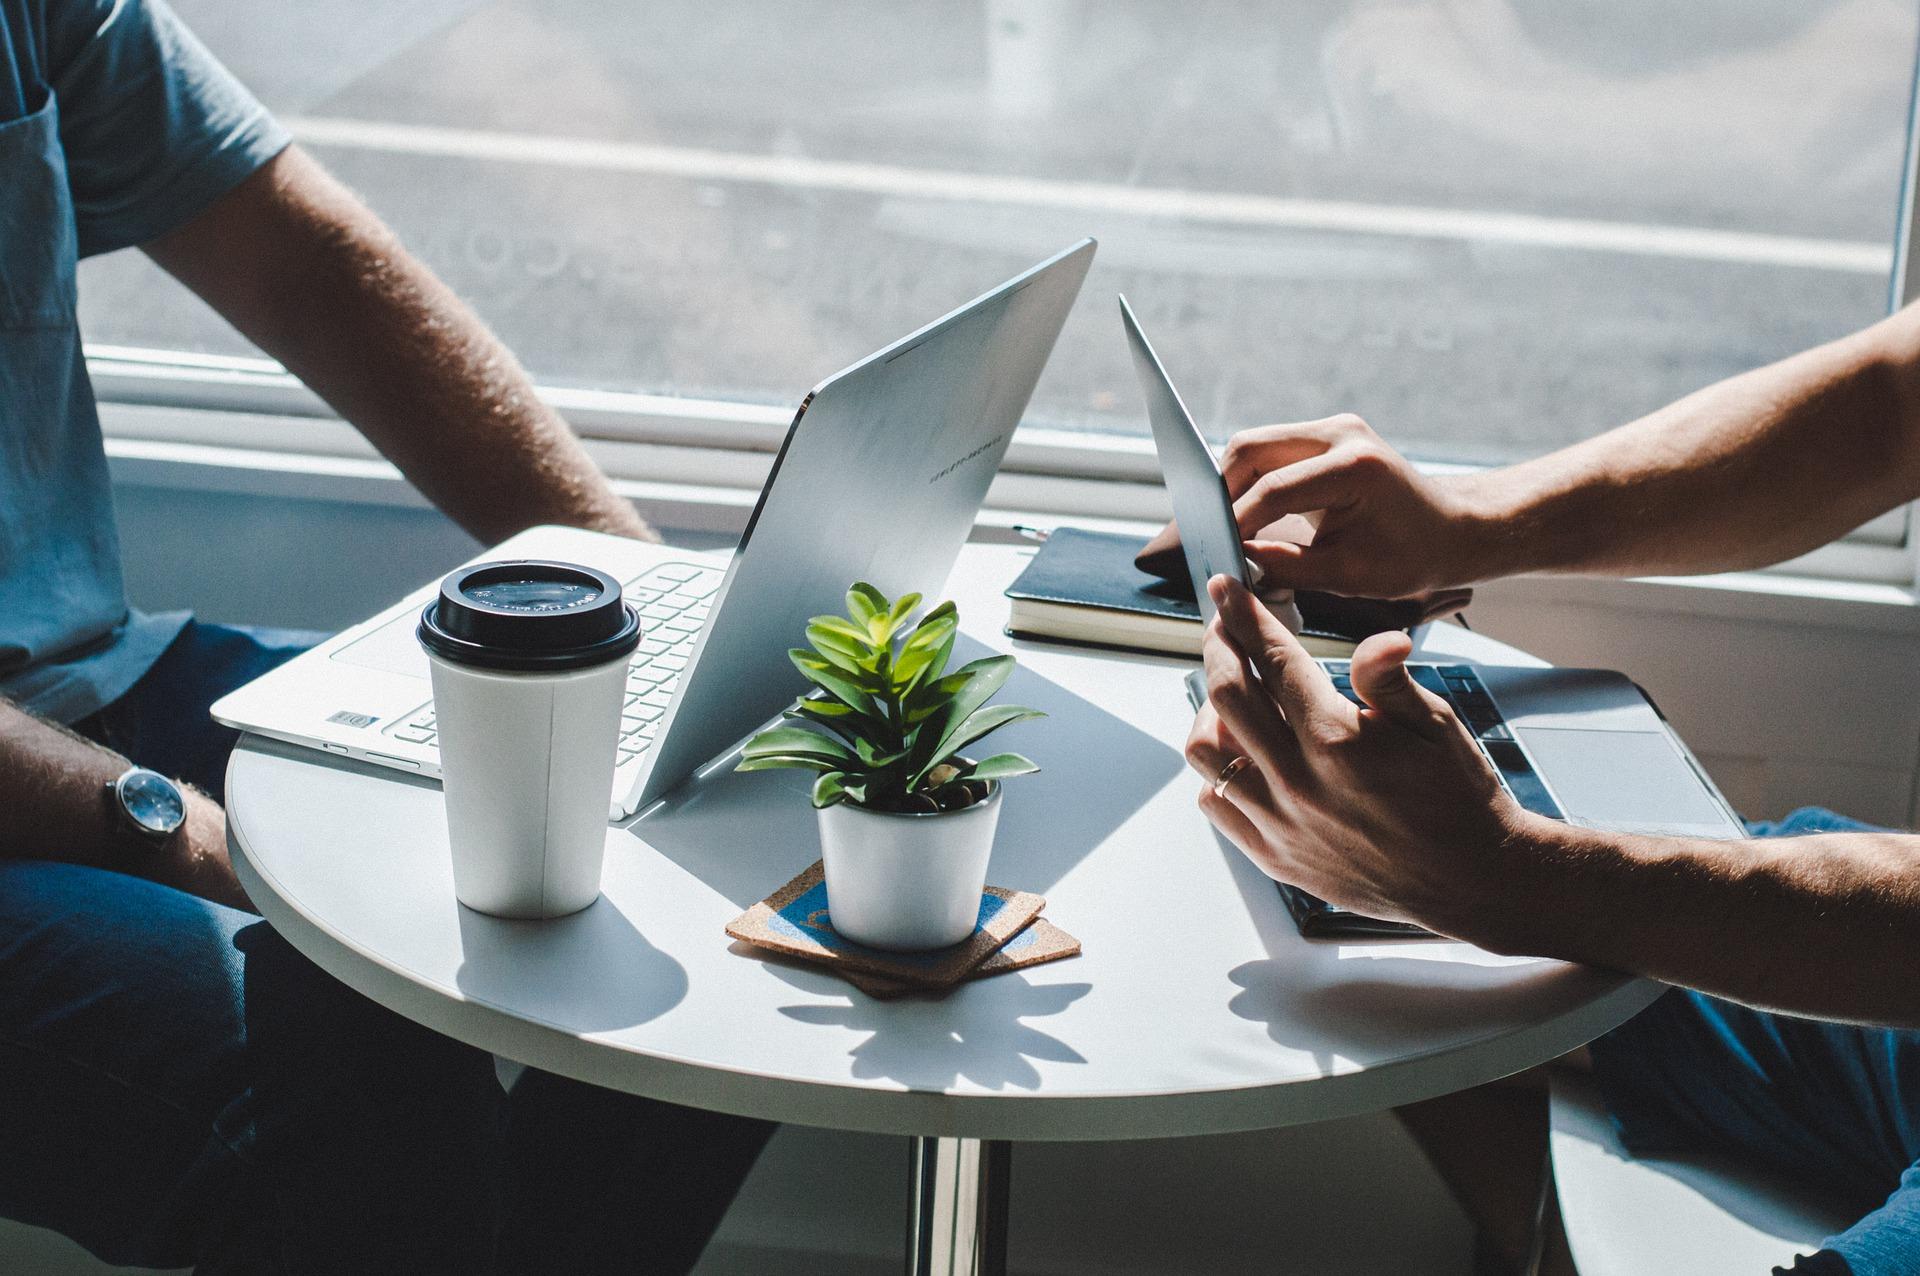 14 помилок при оцінці проєкту, яких варто уникати фрілансерам - news, online-marketing, business